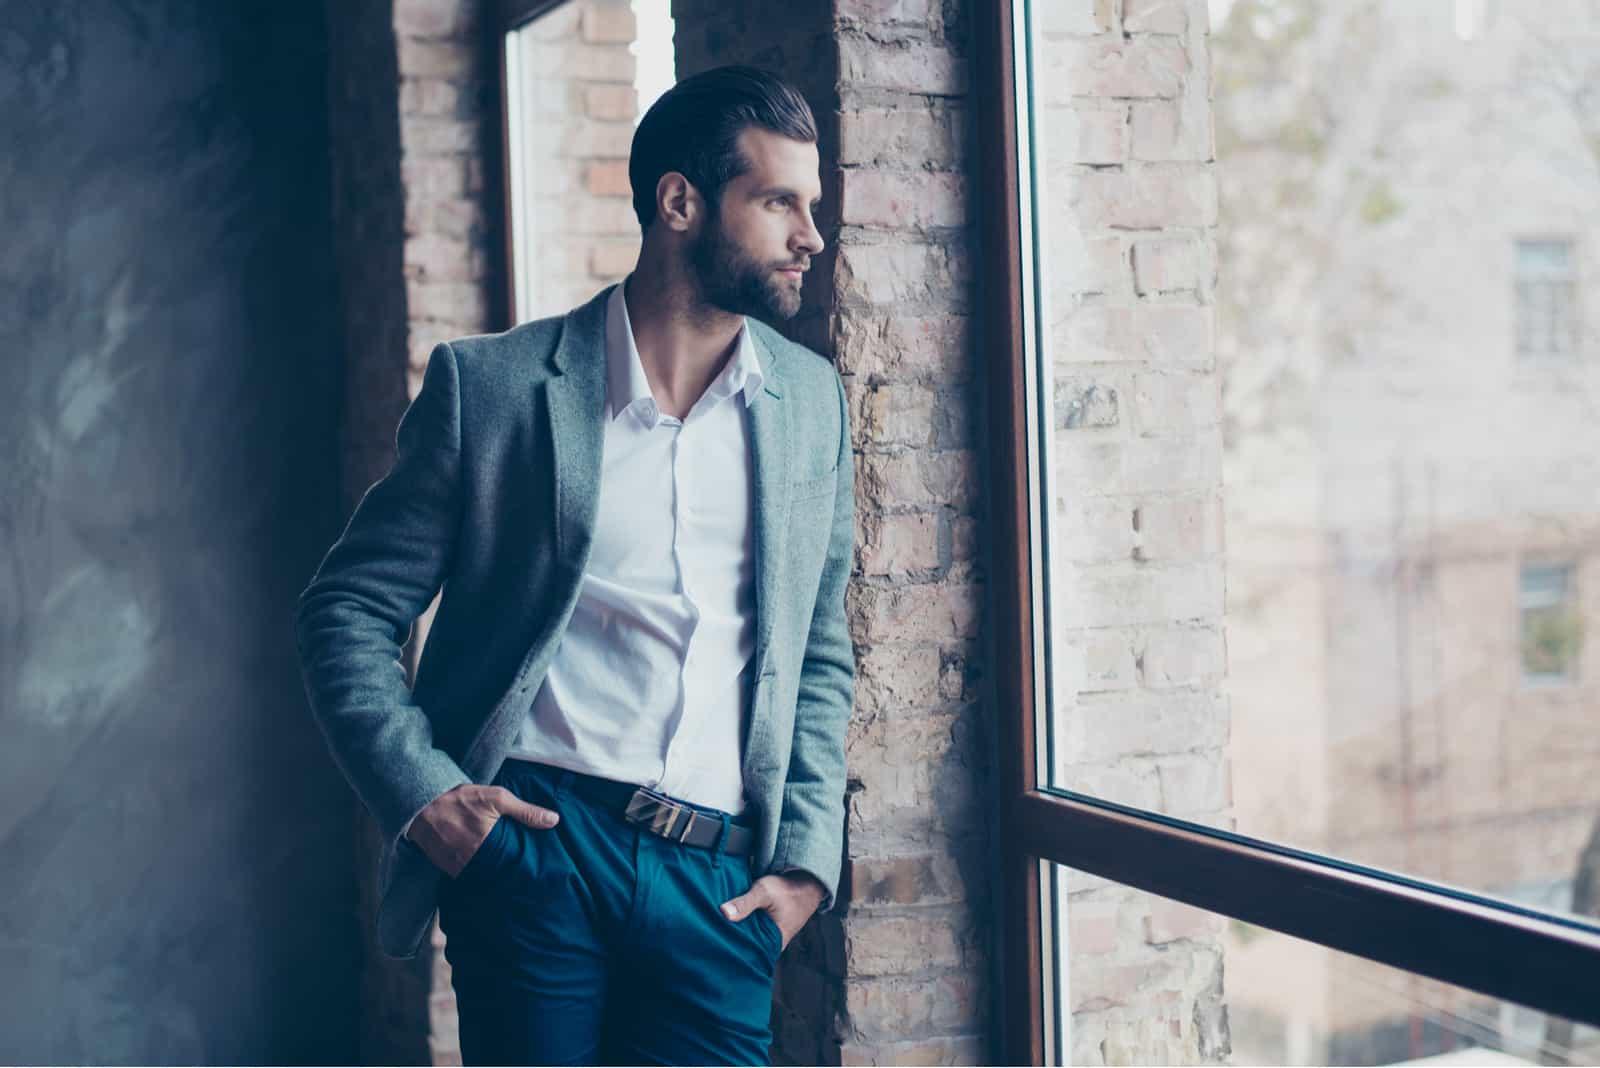 Élégant jeune homme barbu se tient près de la fenêtre